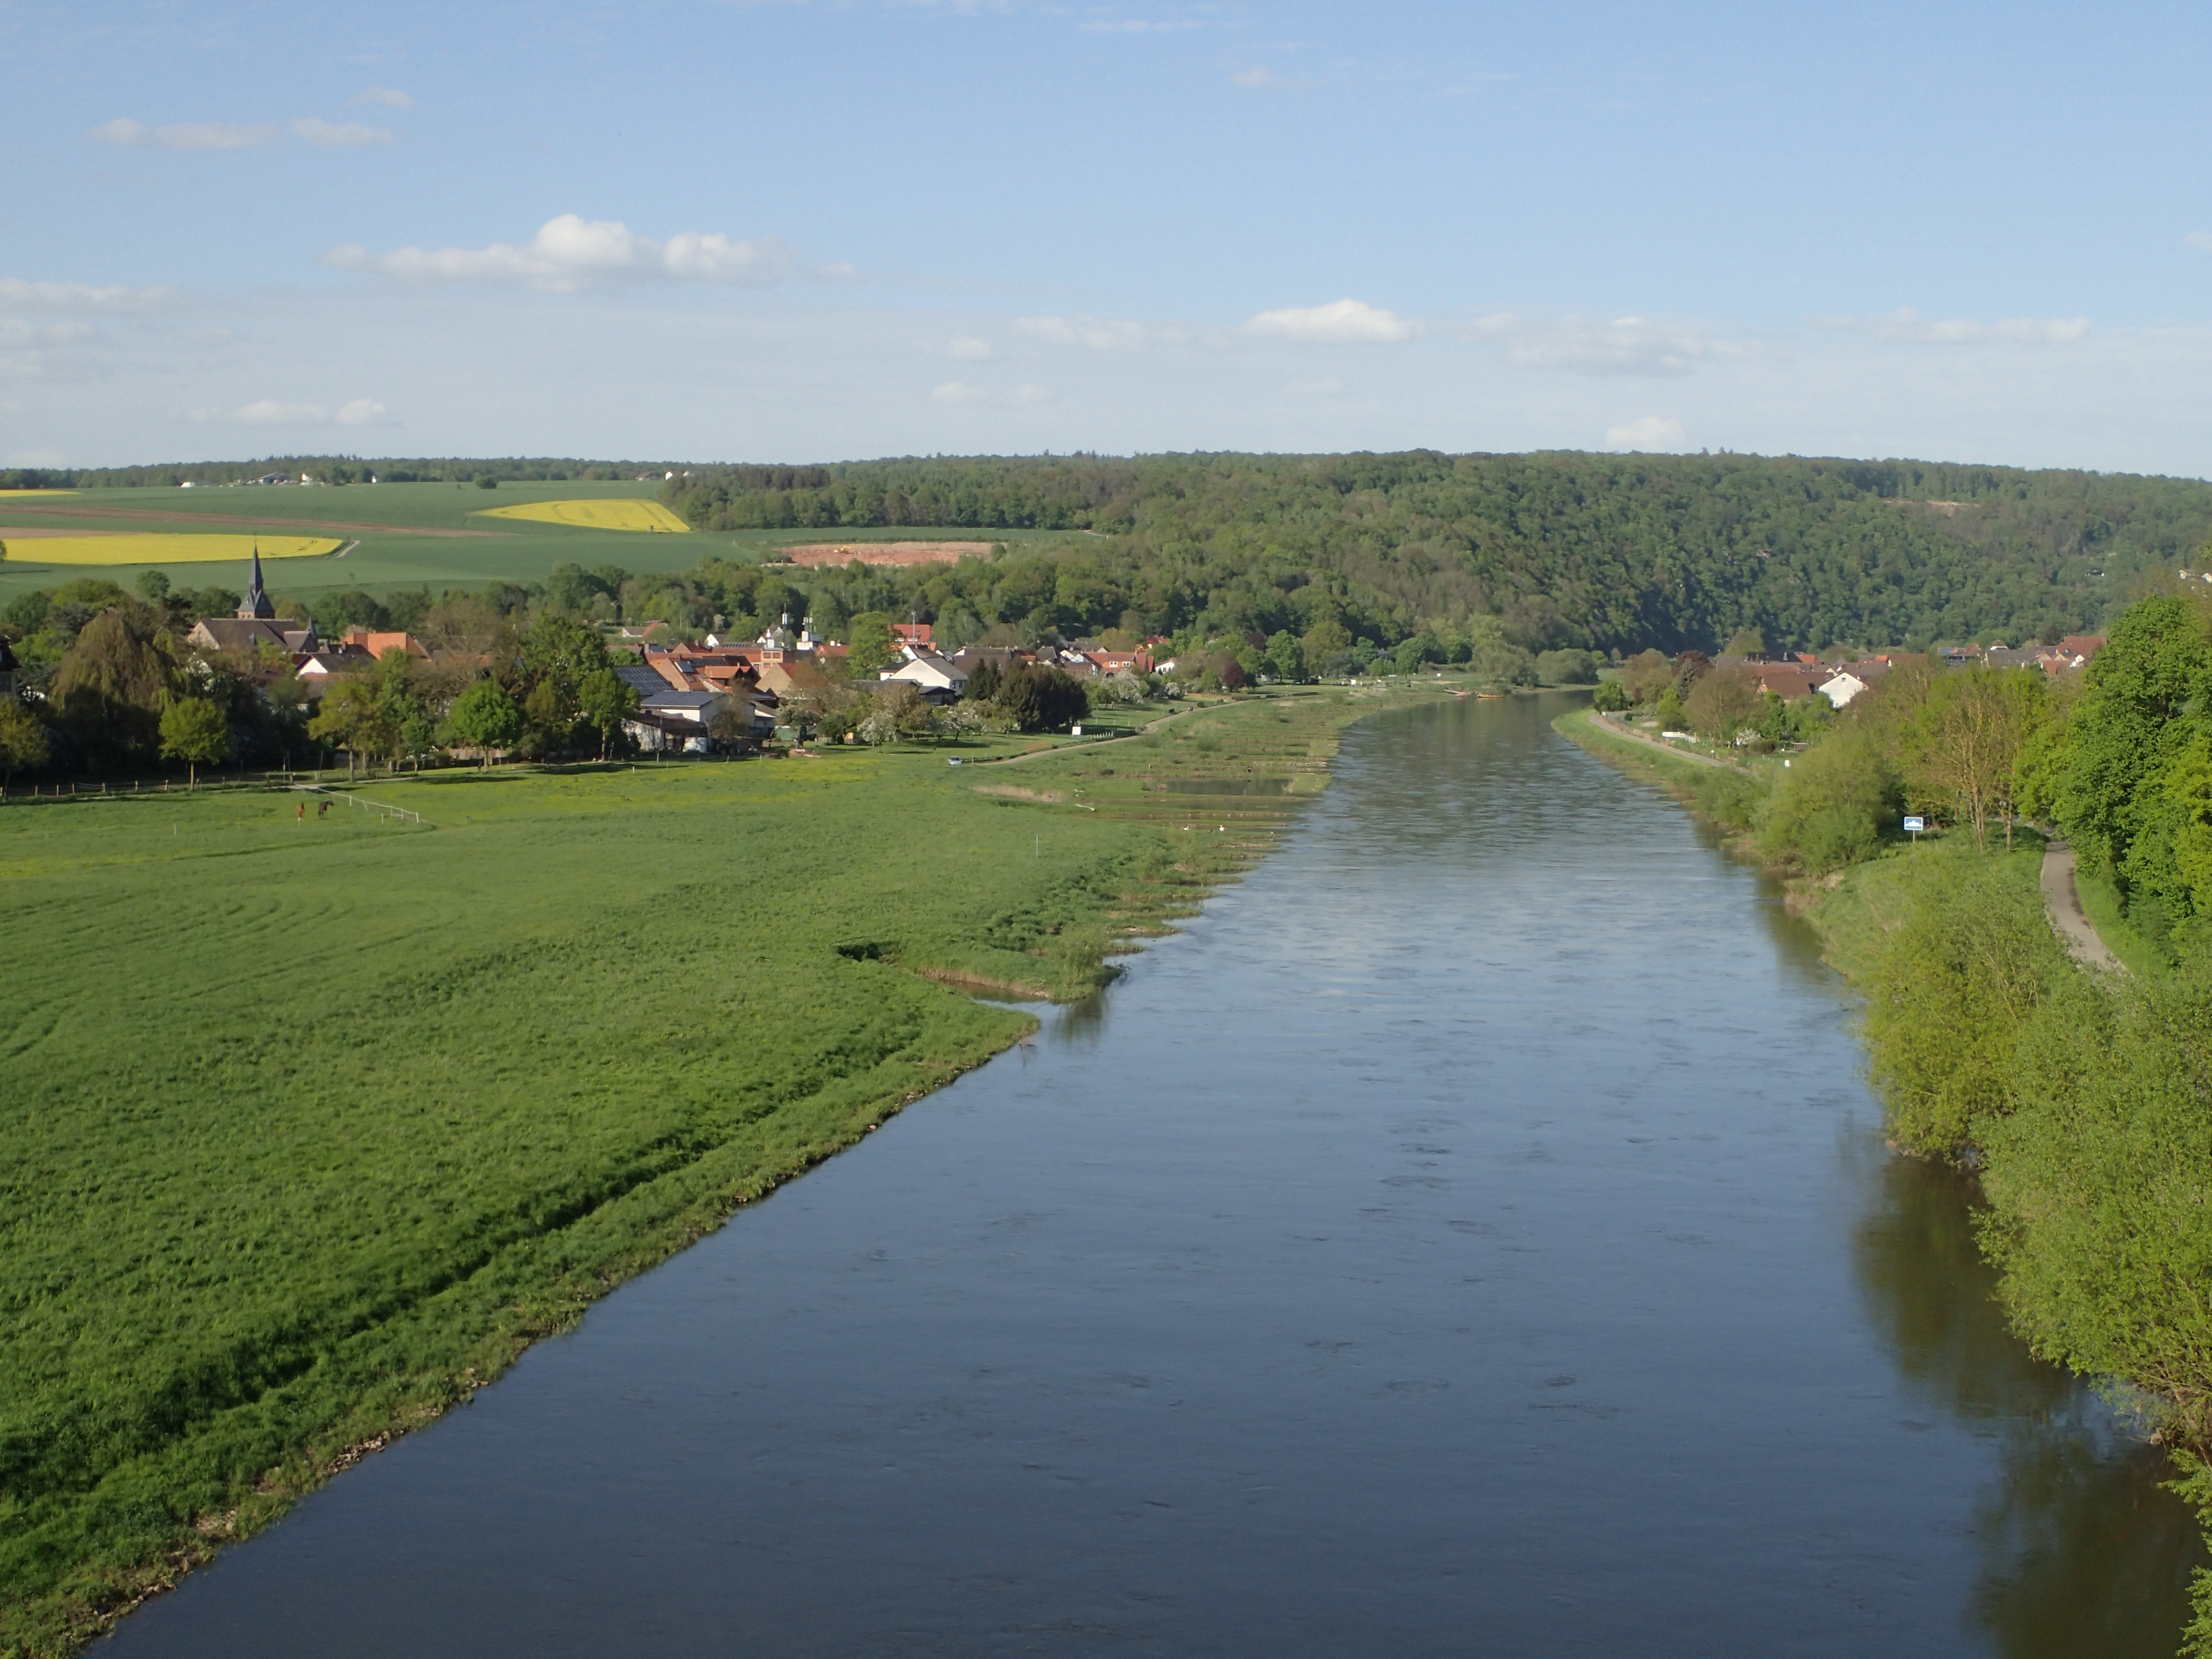 Blick auf das Wesertal in der Nähe von Bad Karlshafen